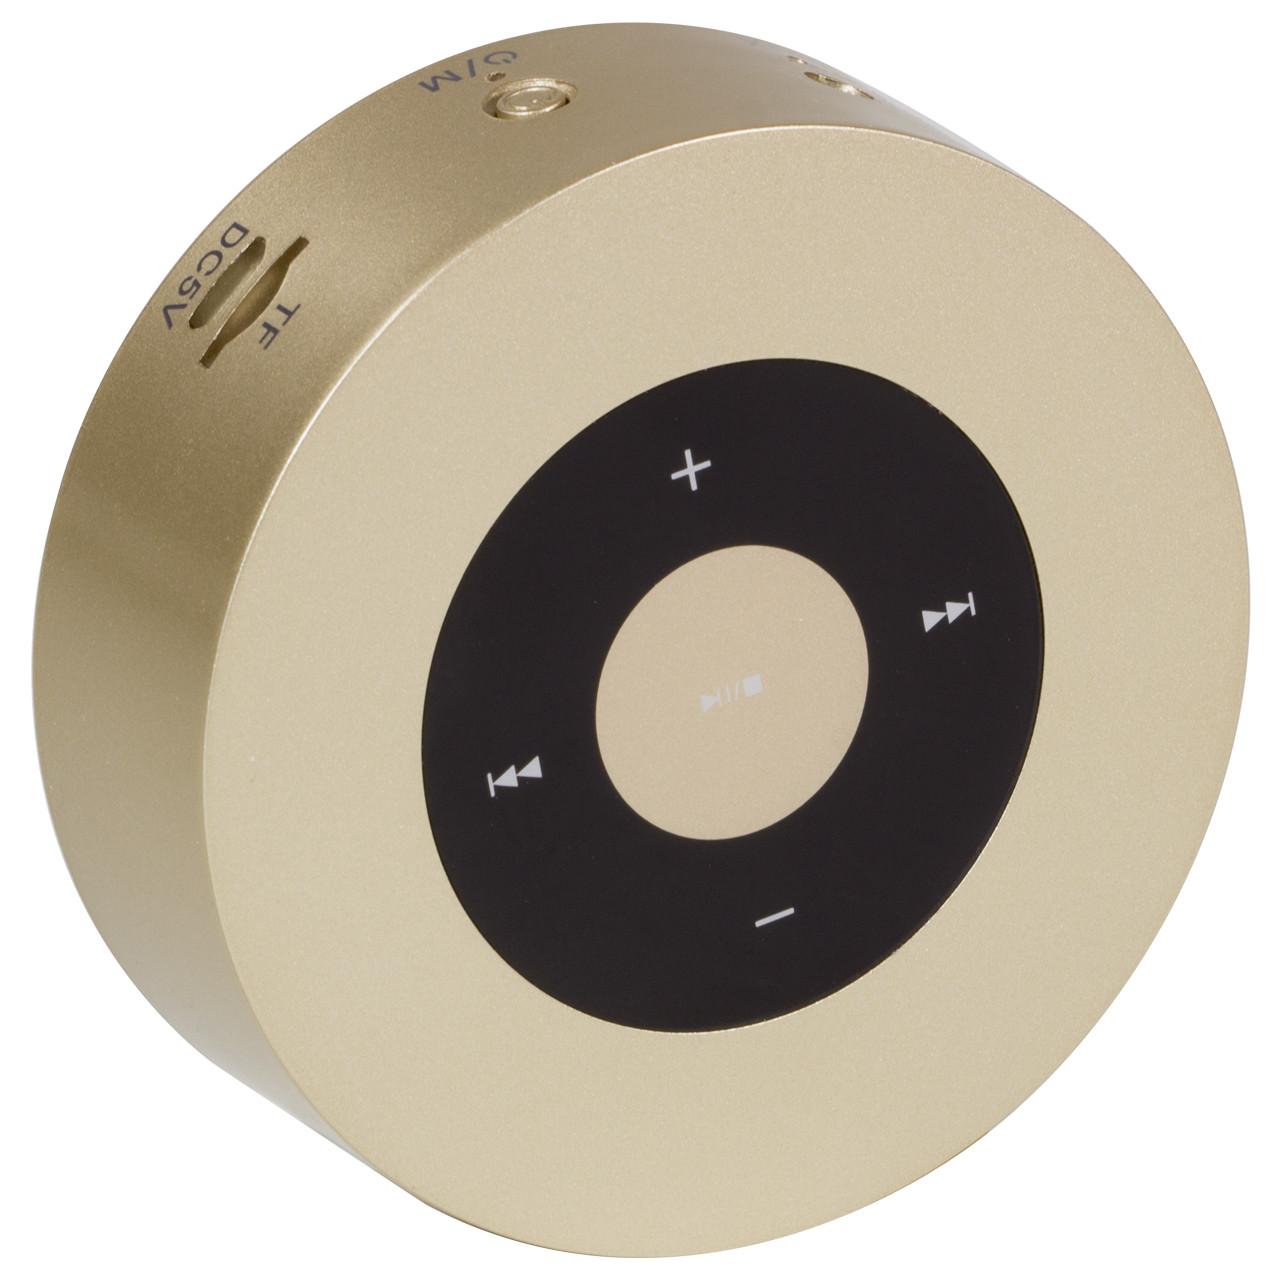 Колонка BL Keling A8 золото Bluetooth AUX кнопки навигации портативный смартфона музыка металлическая android